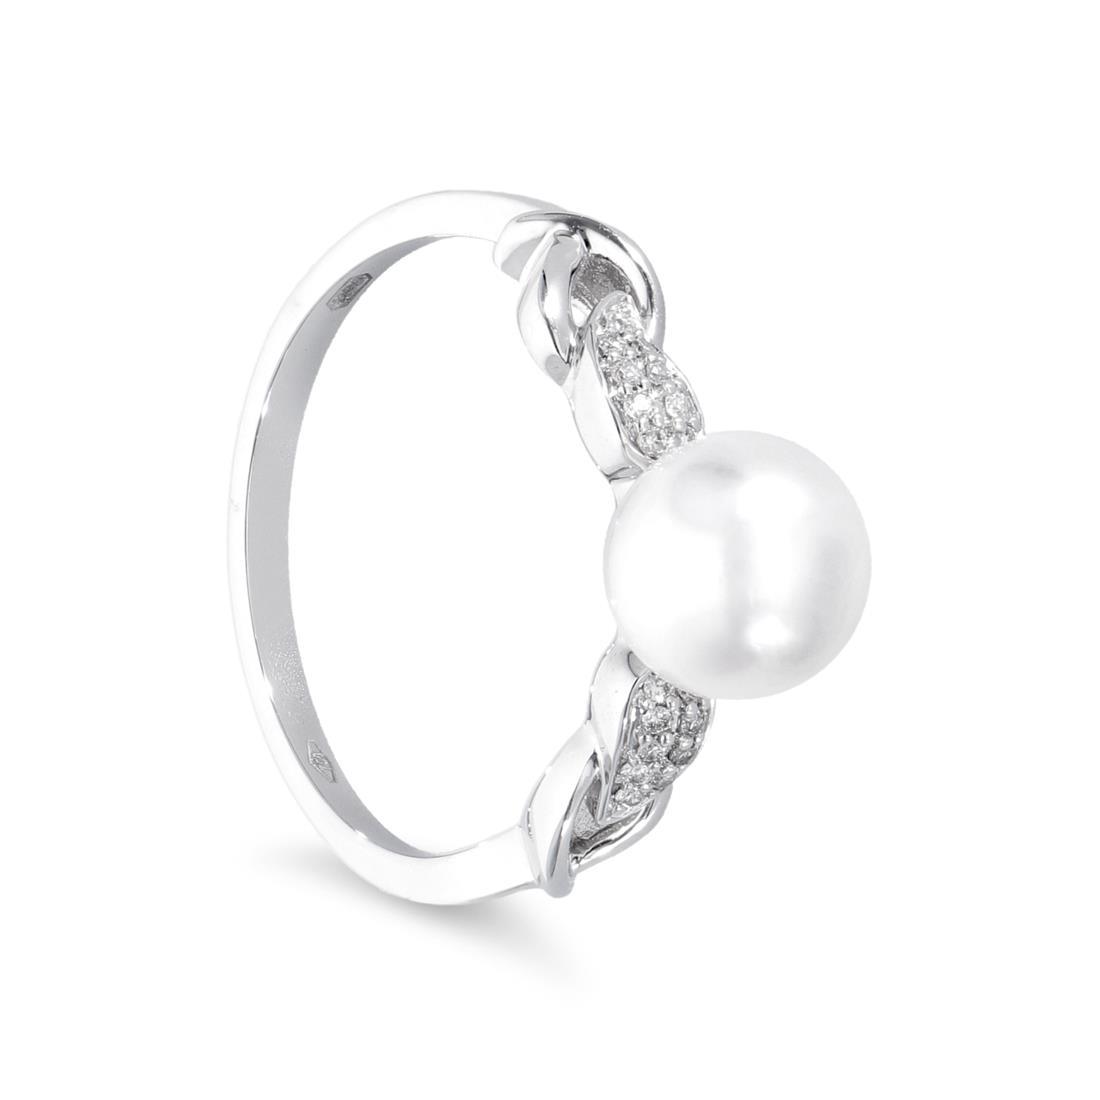 Anello con perla Akoya - MAYUMI